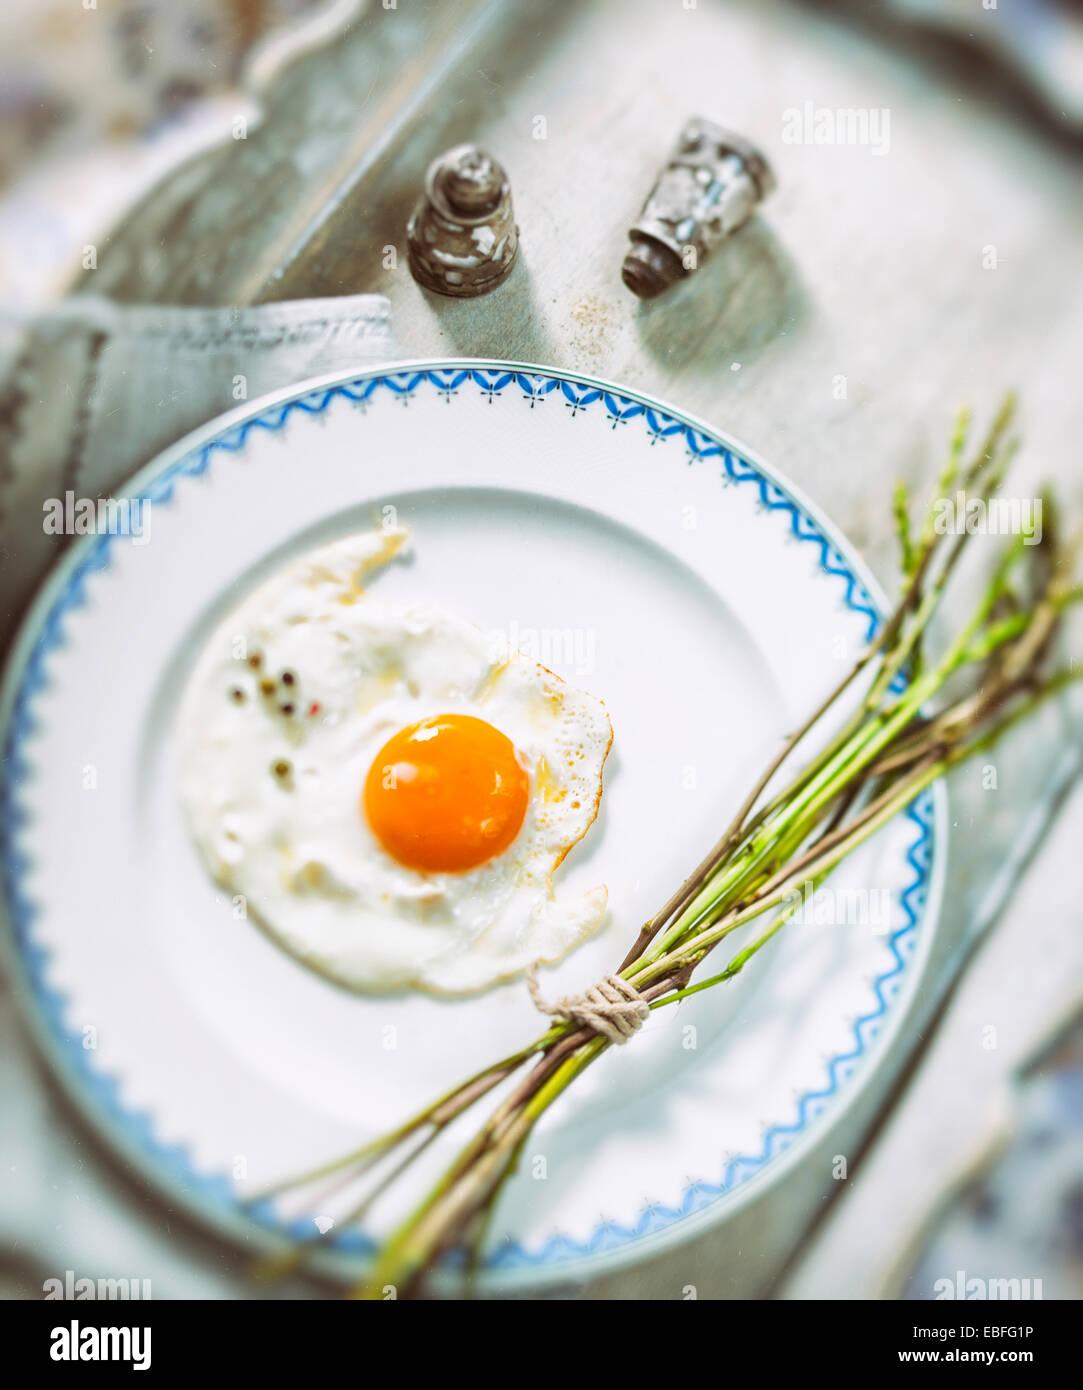 Œuf frit et des asperges sauvages sur une plaque blanche Photo Stock